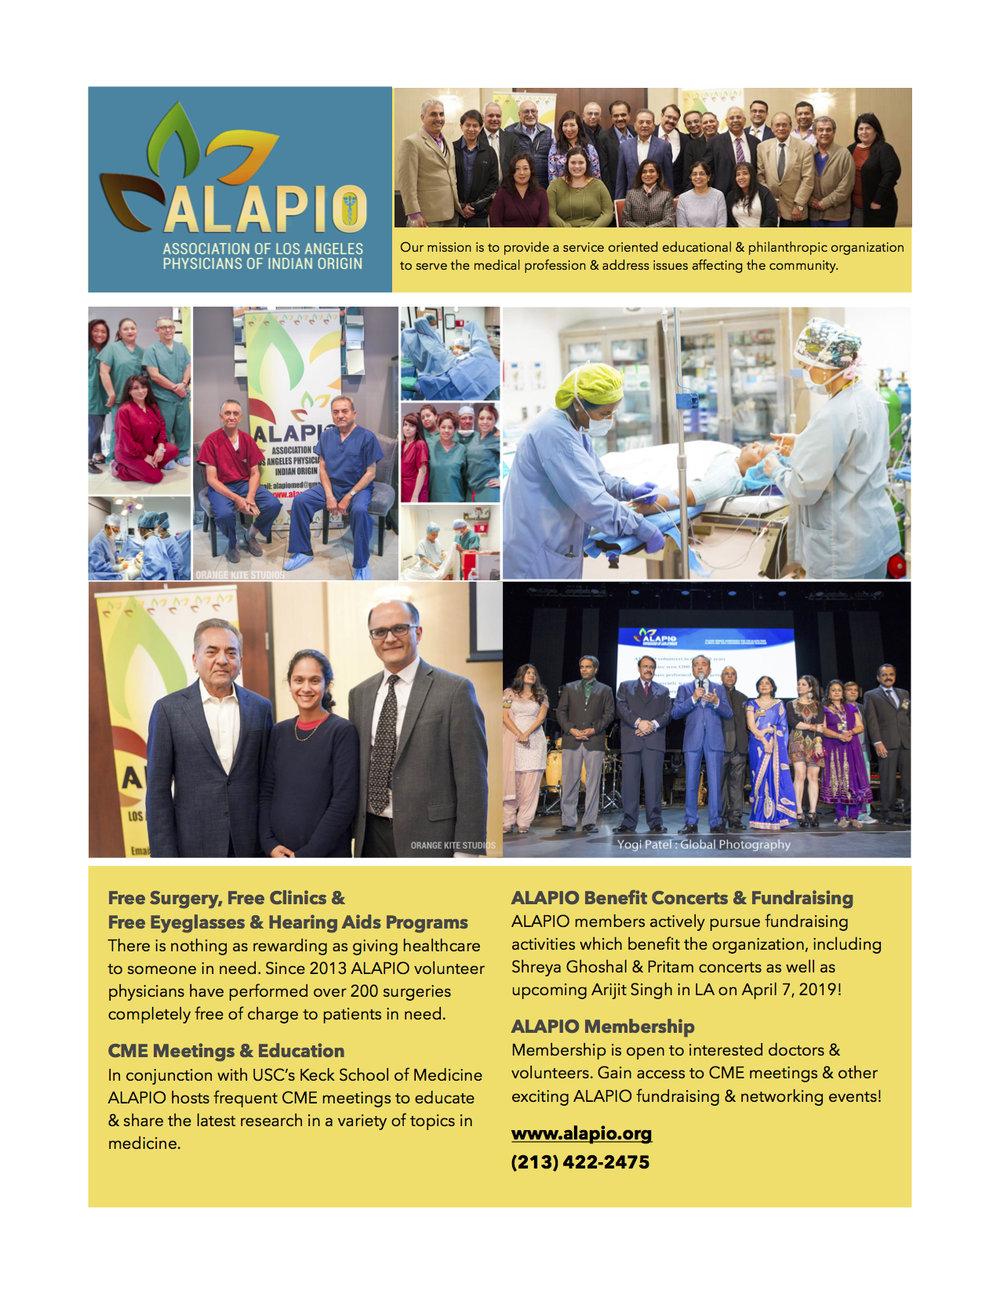 ALAPIO_flyer.jpg